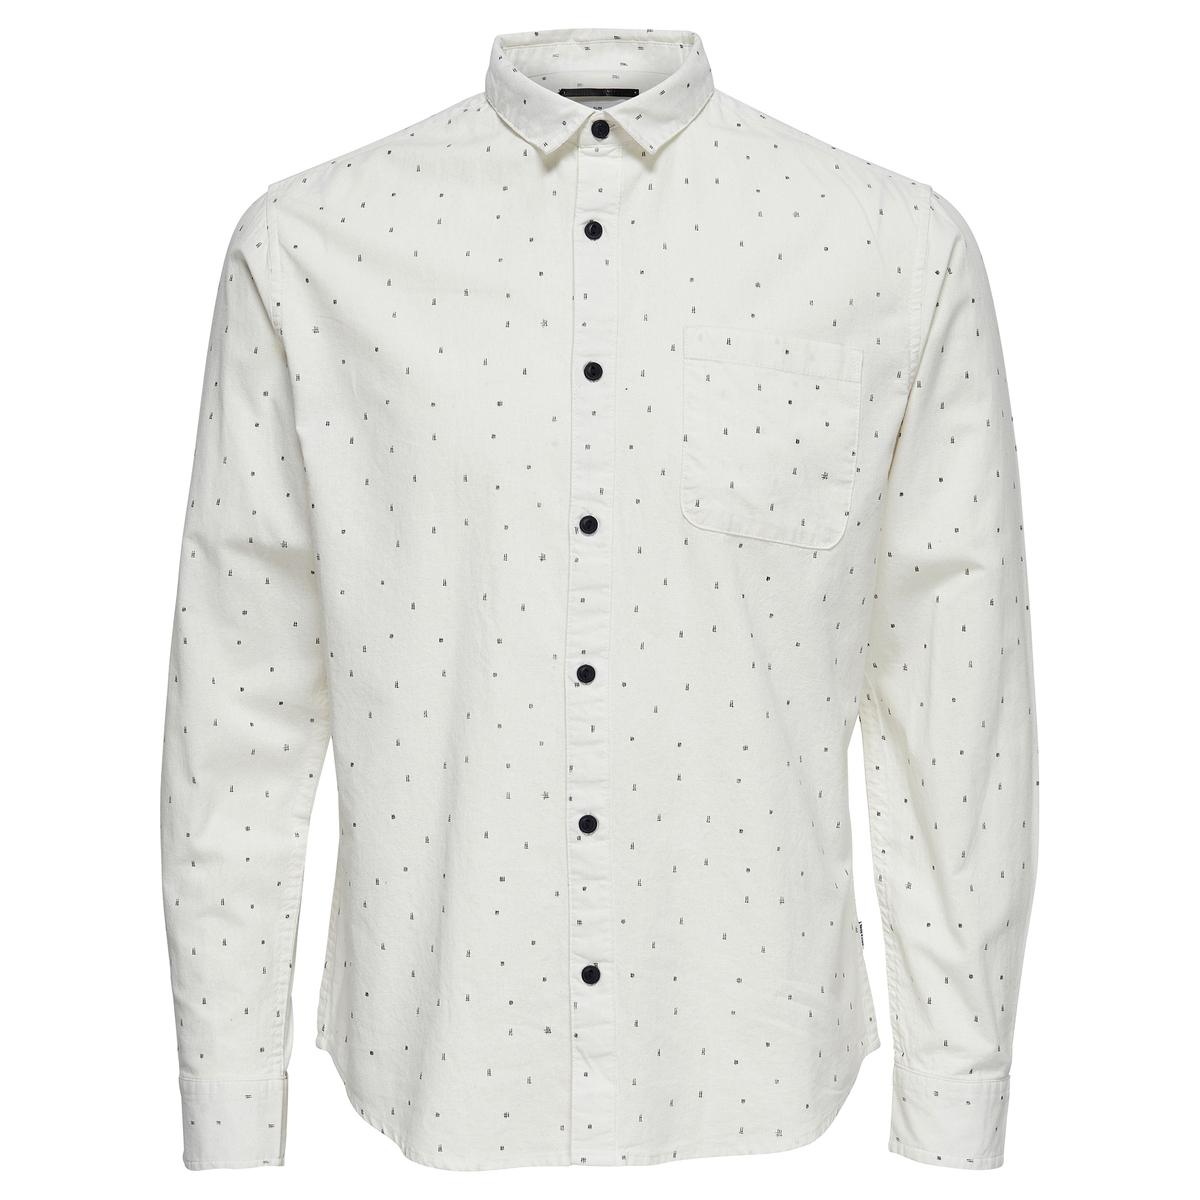 Рубашка приталеннаяДетали  •  Длинные рукава  •  Приталенный покрой •  Классический воротник •  Жаккардовый рисунок Состав и уход  •  100% хлопок  •  Следуйте советам по уходу, указанным на этикетке<br><br>Цвет: белый,синий морской<br>Размер: XL